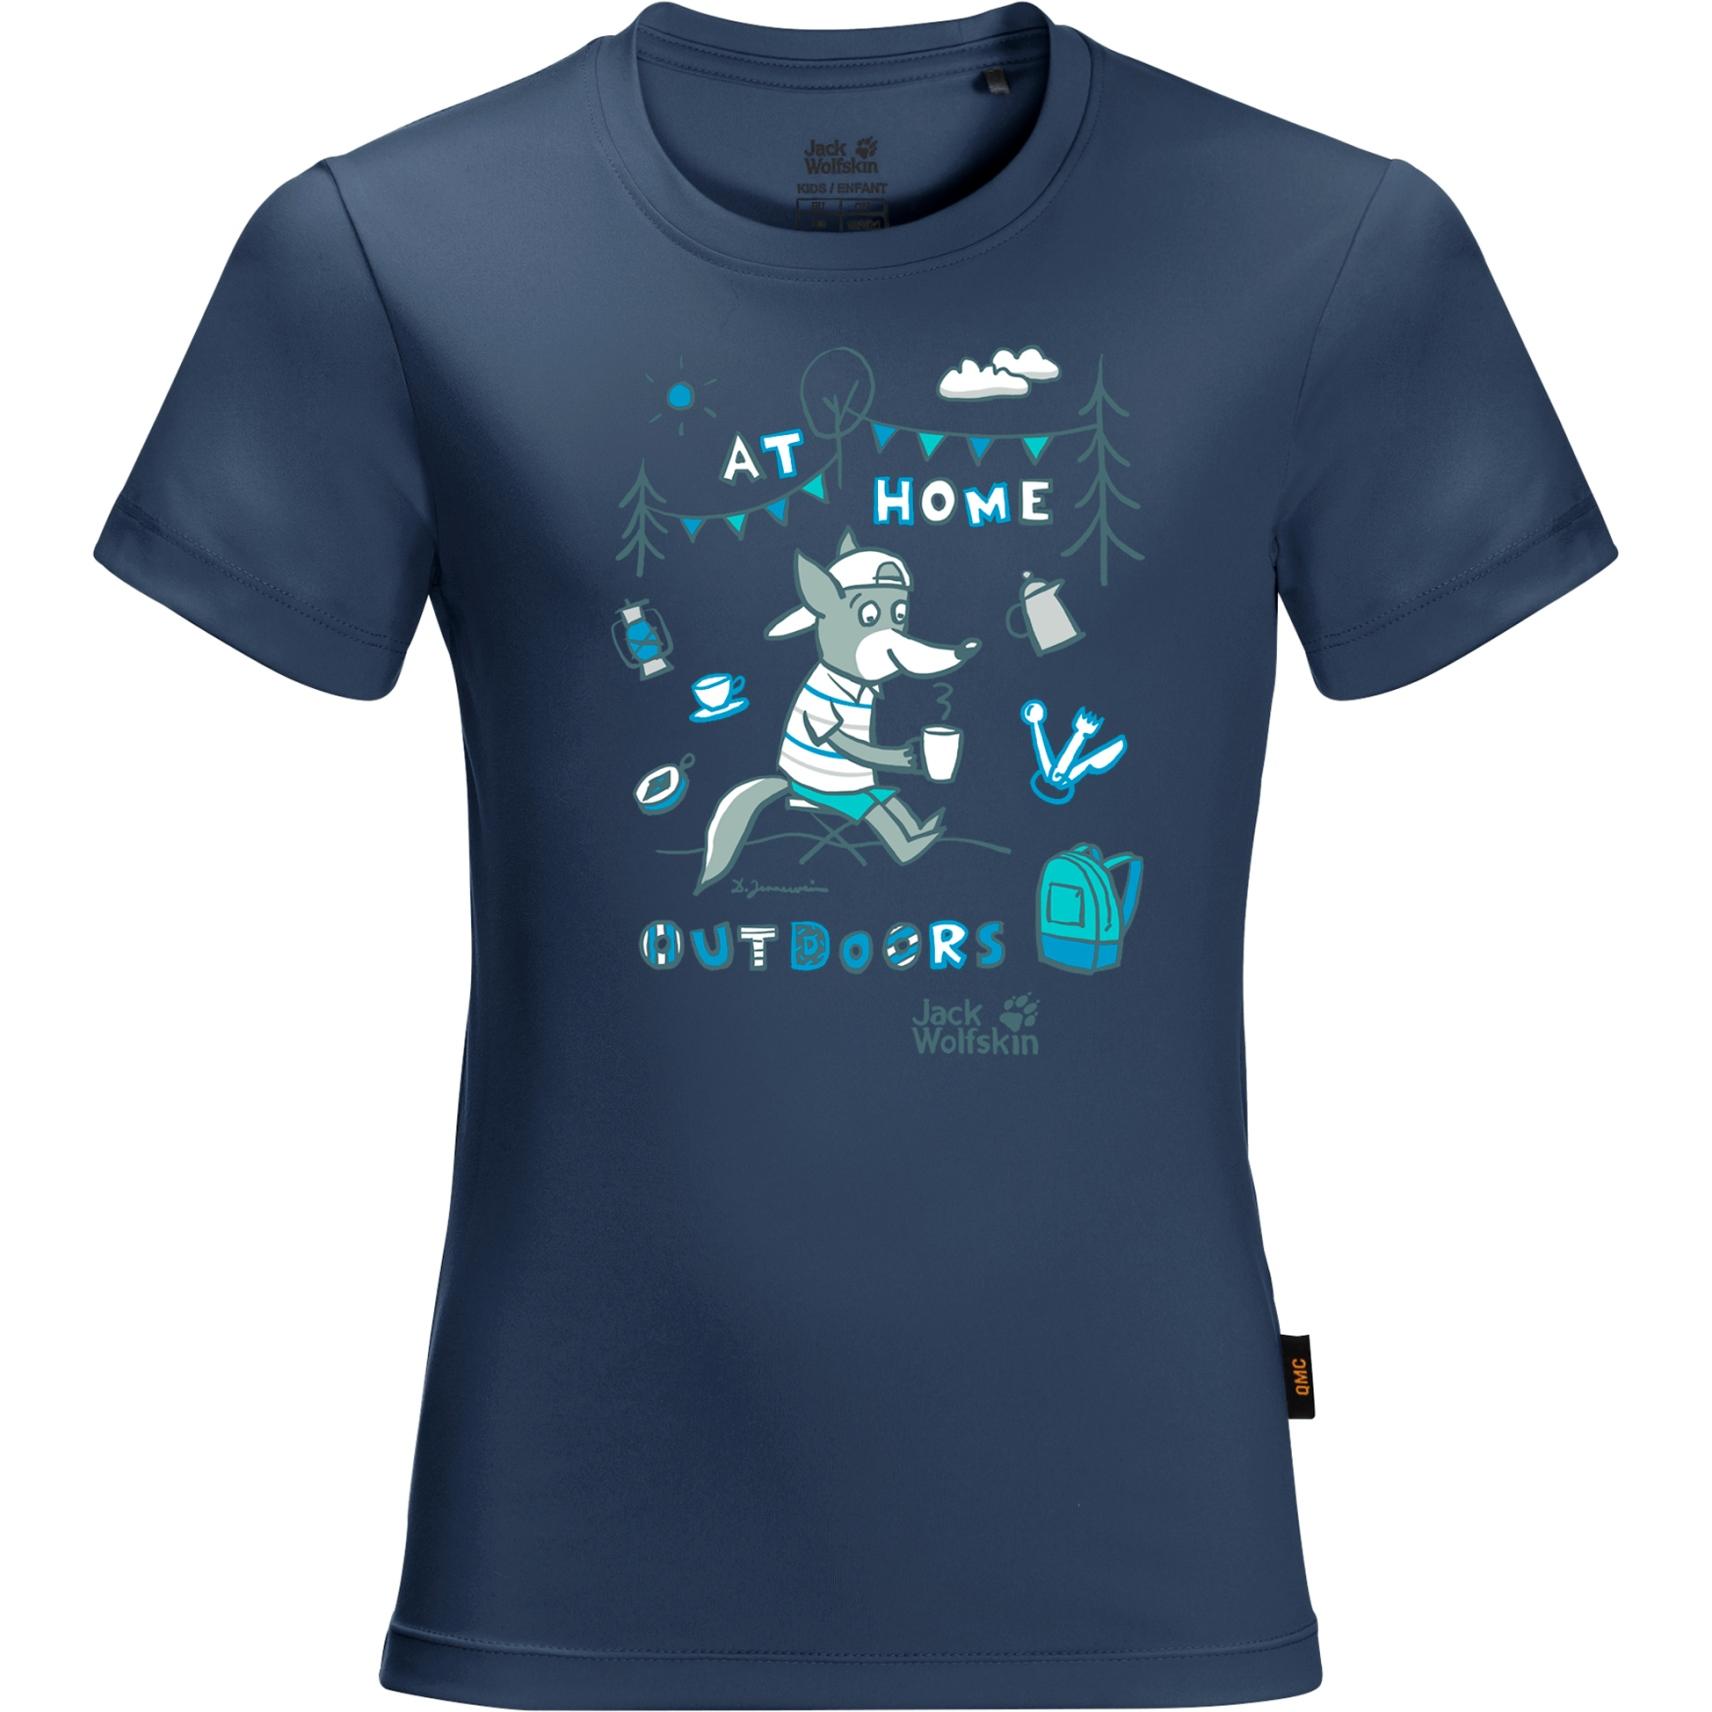 Jack Wolfskin Happy Camper Kinder T-Shirt - dark indigo